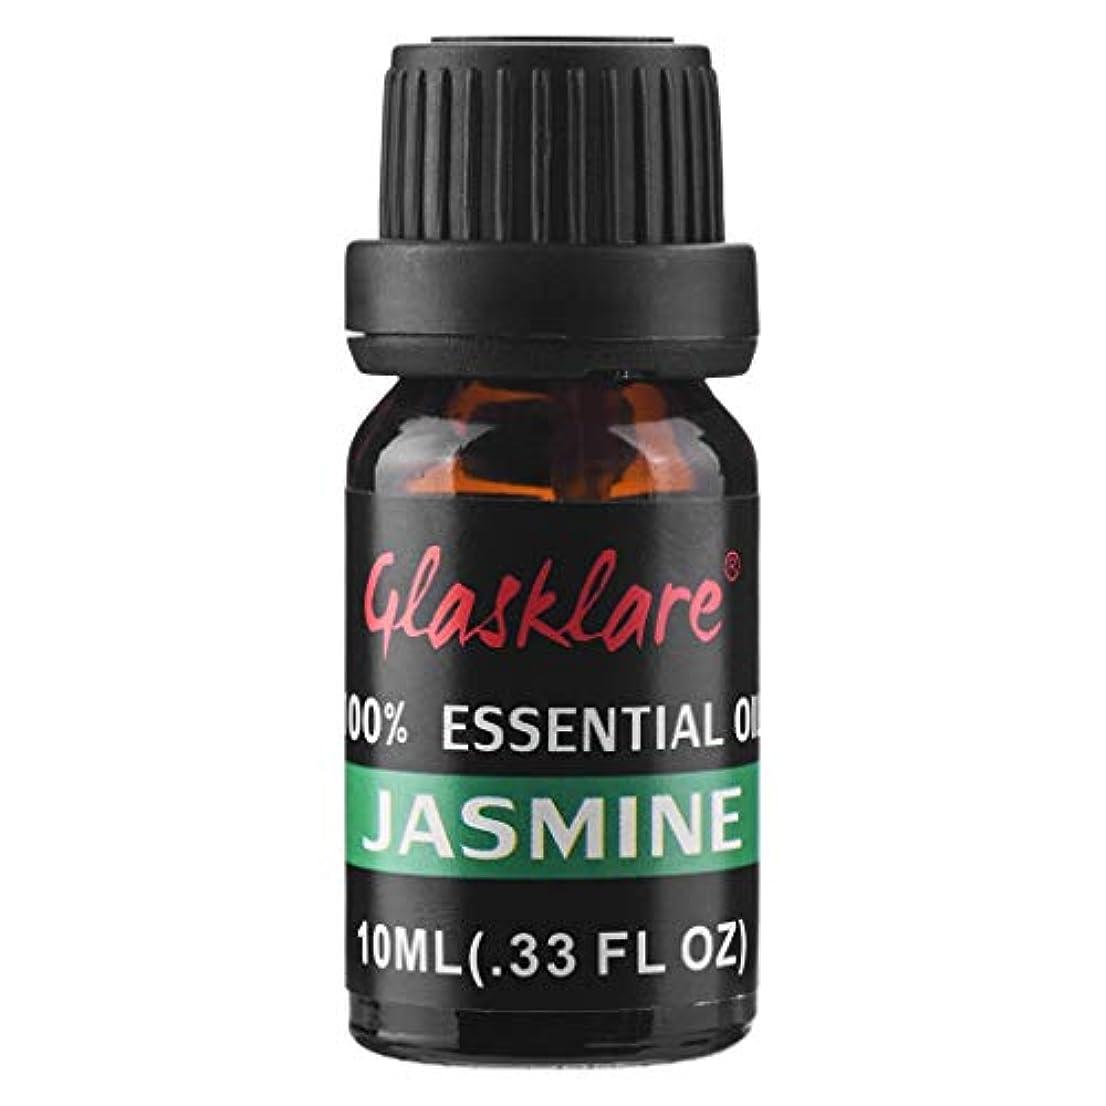 大腿起きる参加するLazayyii エッセンシャルオイル アロマオイル 精油 天然 無添加 100%ピュア ジャスミン (10ml)